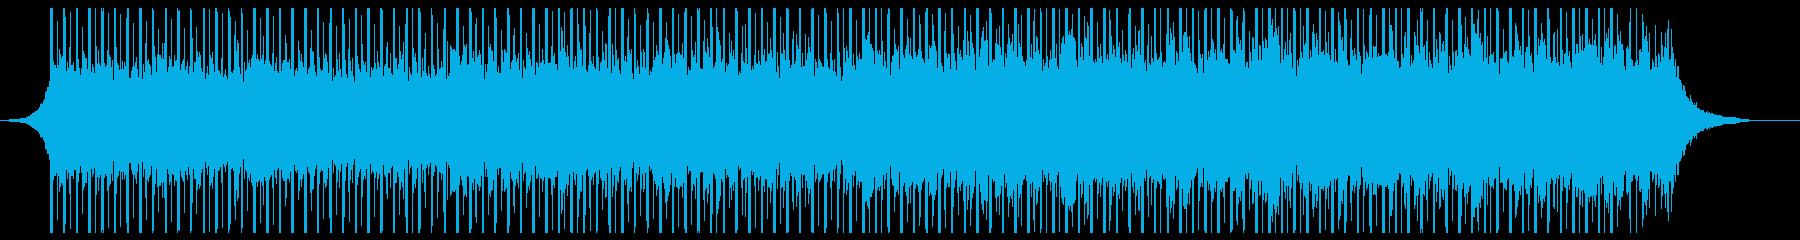 テクノロジーコーポレート(中)の再生済みの波形